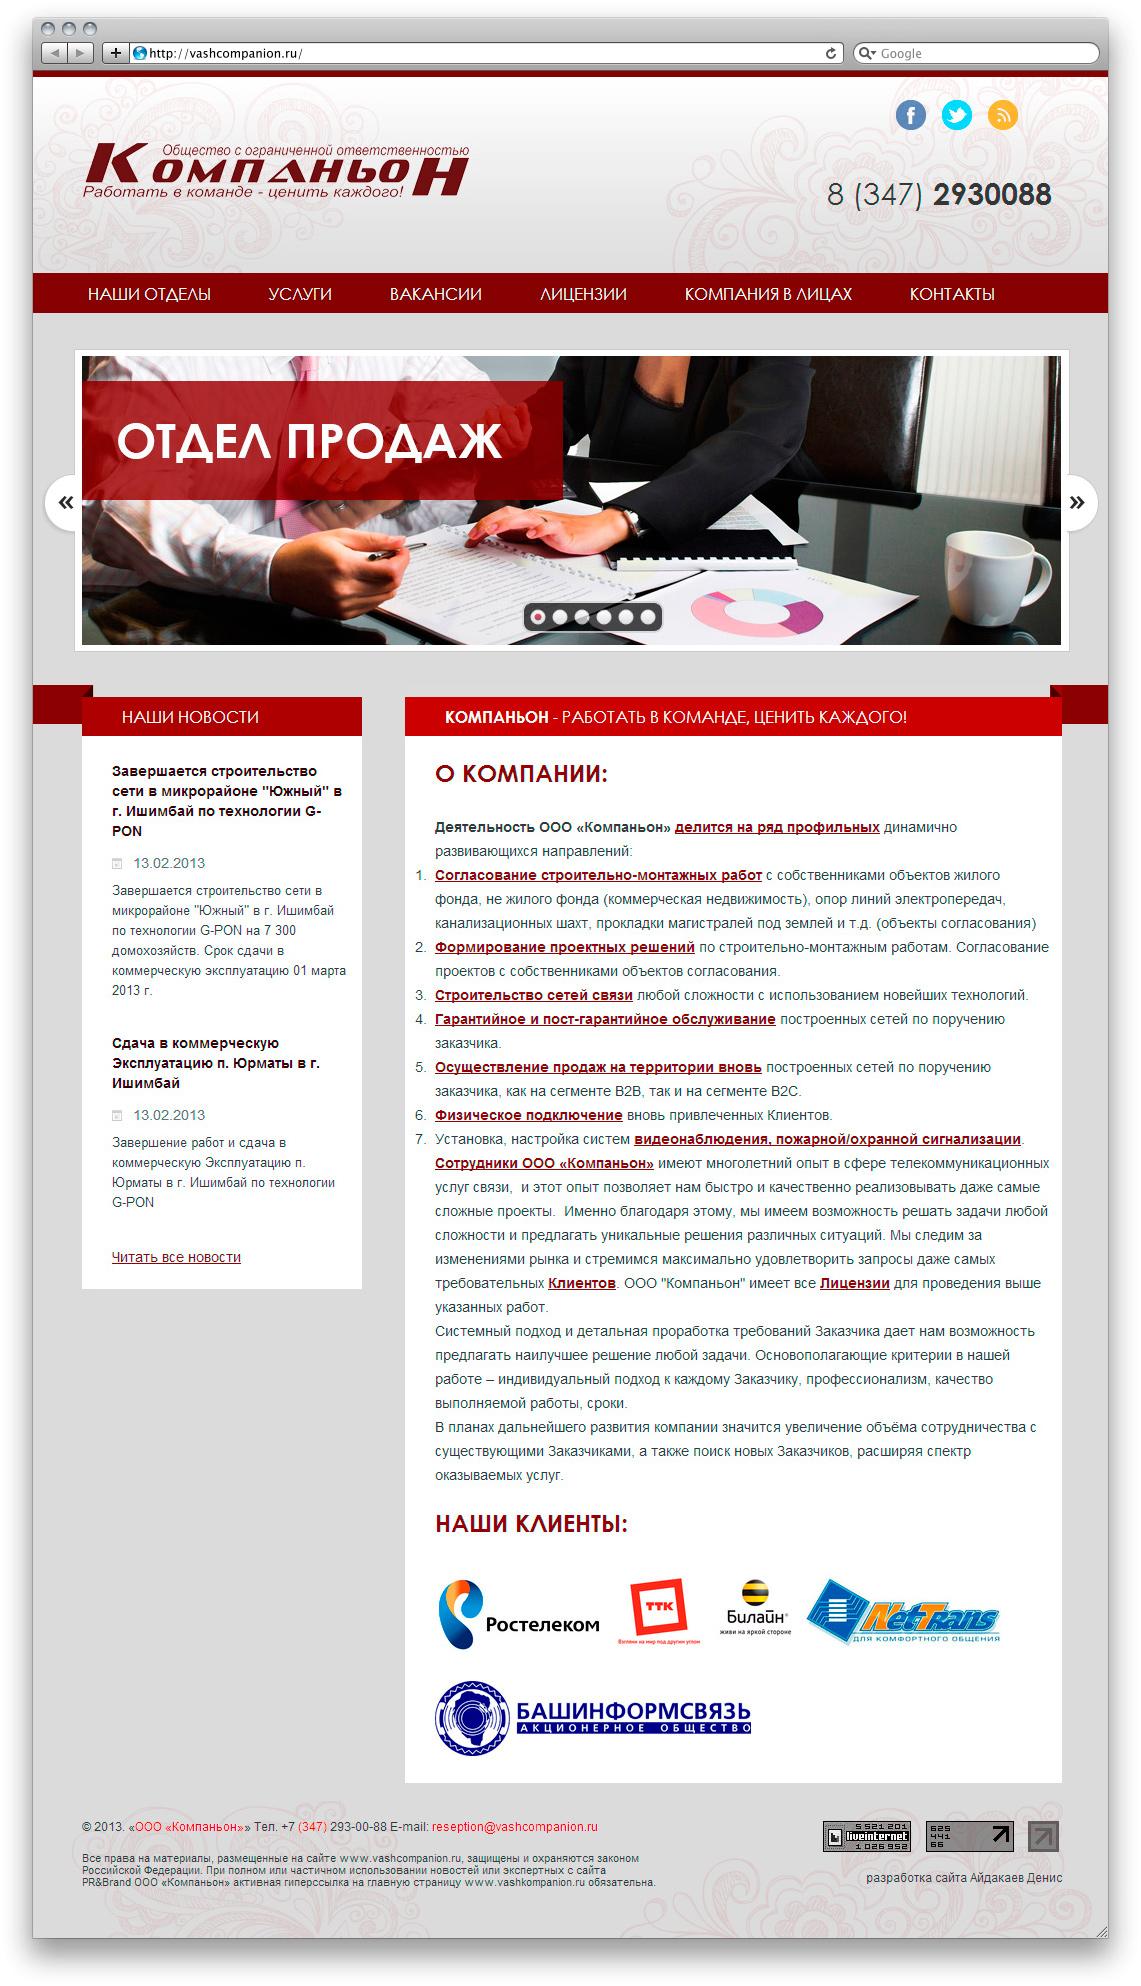 Дизайн + Верстка + CMS Modx